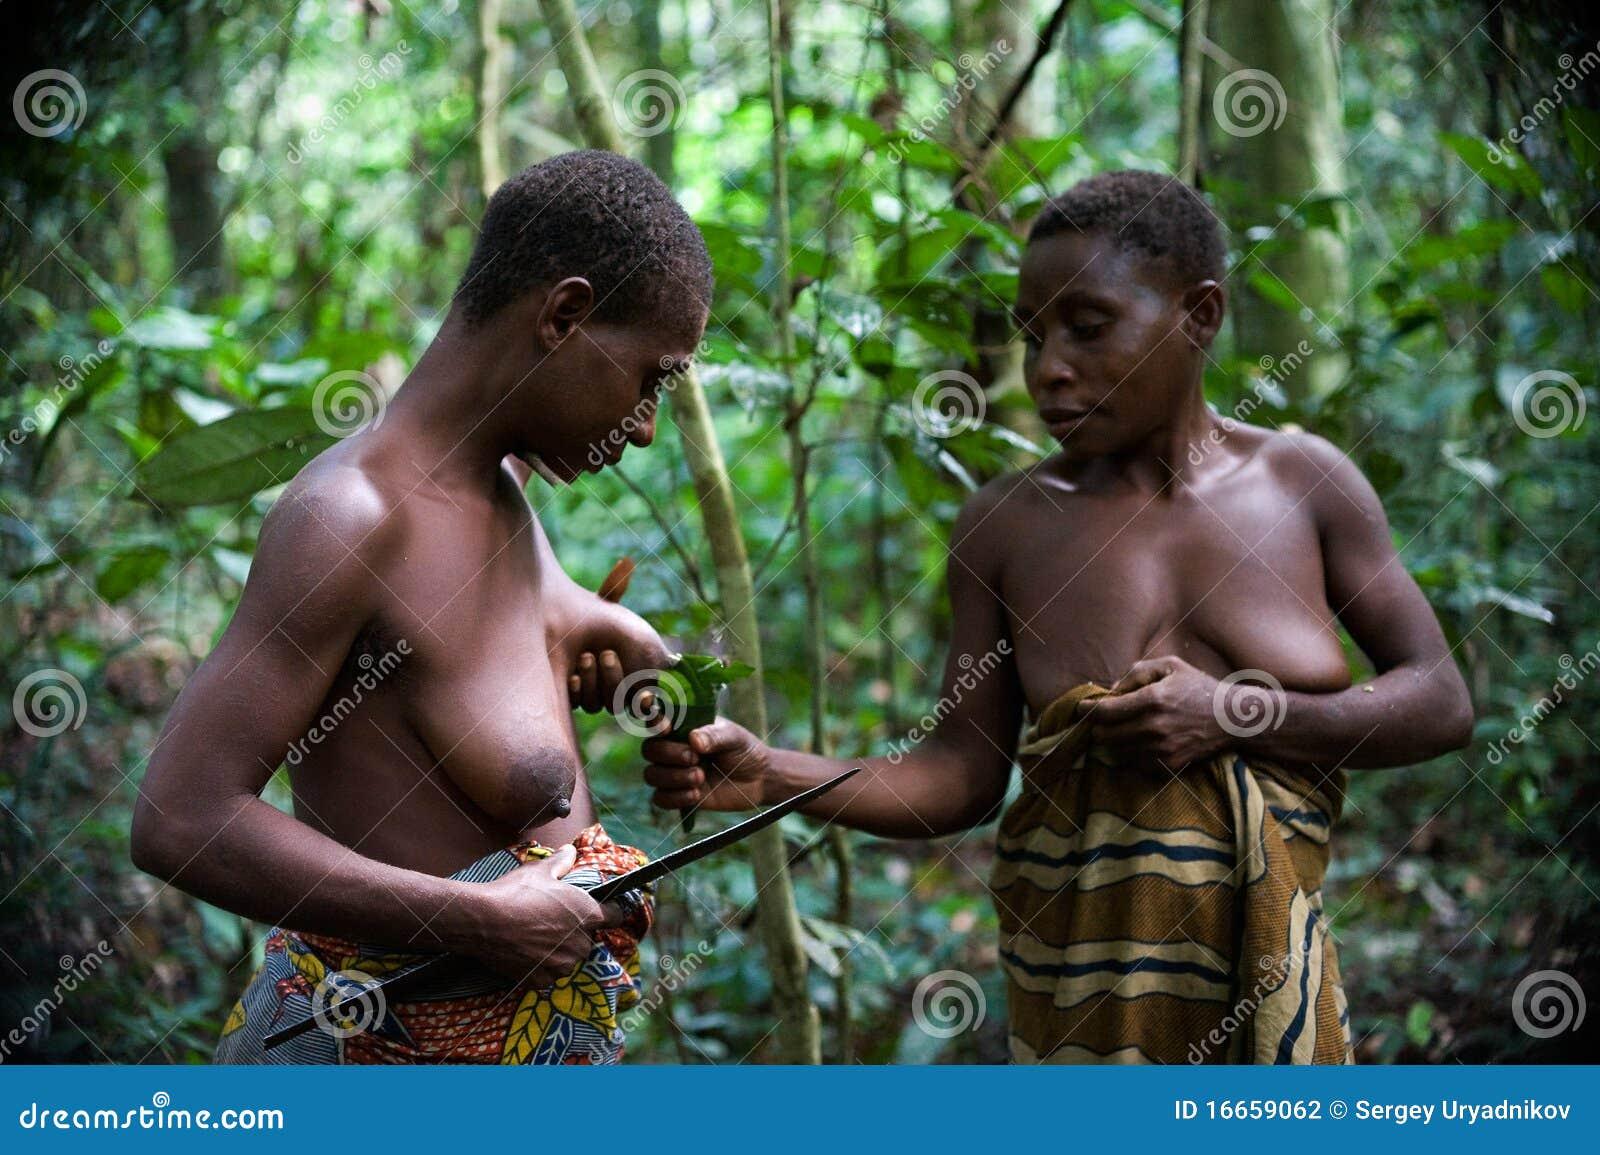 Секс в голых племенах фото 11 фотография